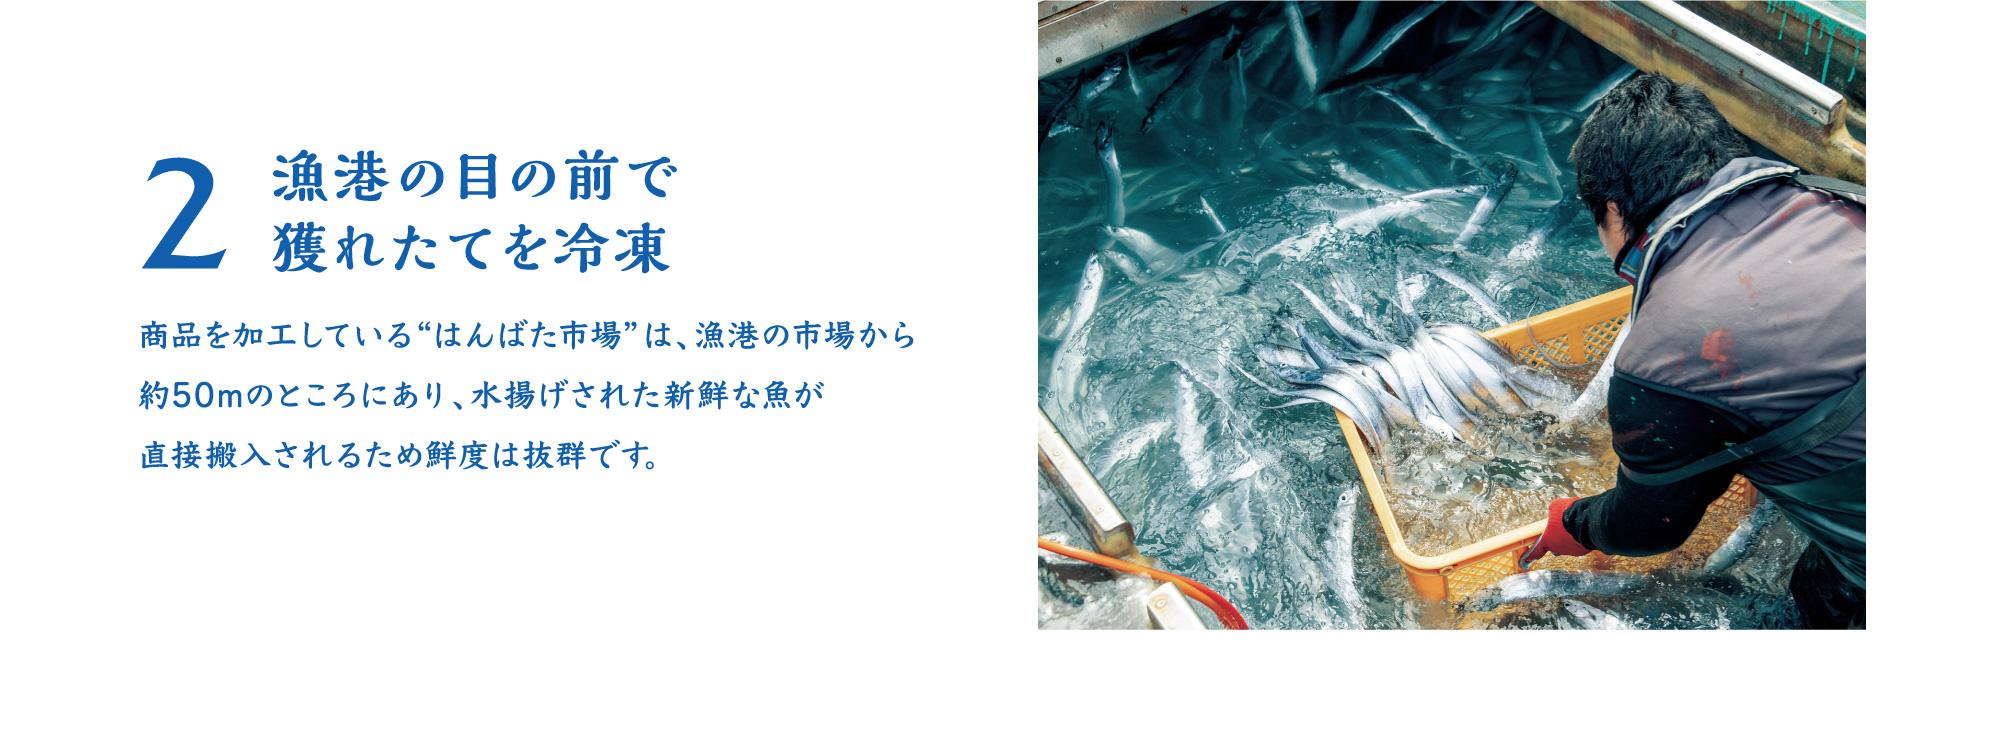 """2漁港の目の前で 獲れたてを冷凍 商品を加工している""""はんばた市場""""は、漁港の市場から 約50mのところにあり、水揚げされた新鮮な魚が 直接搬入されるため鮮度は抜群です。"""